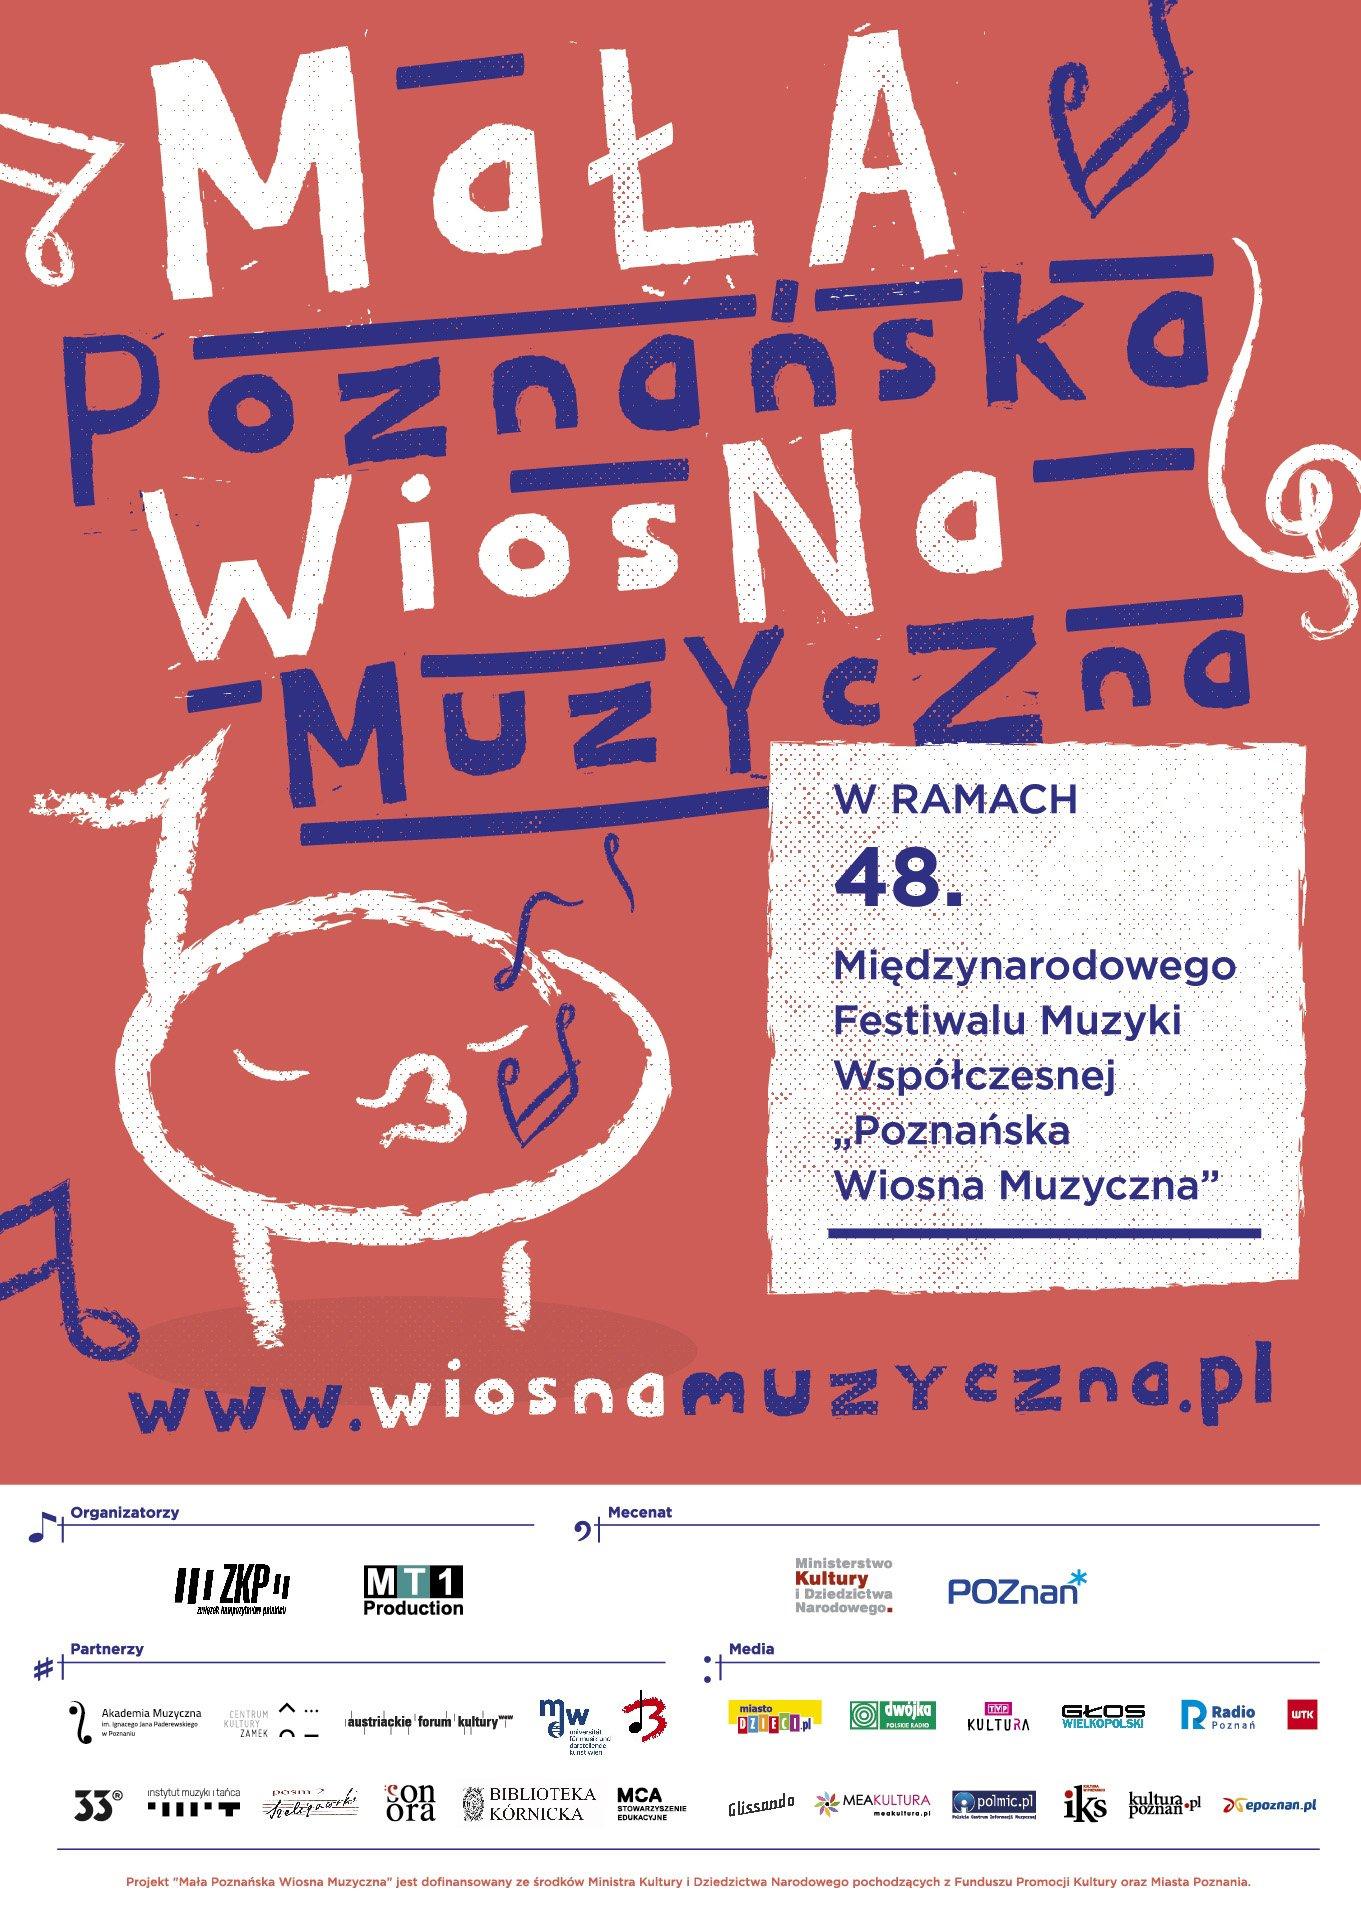 Mała Poznańska Wiosna Muzyczna